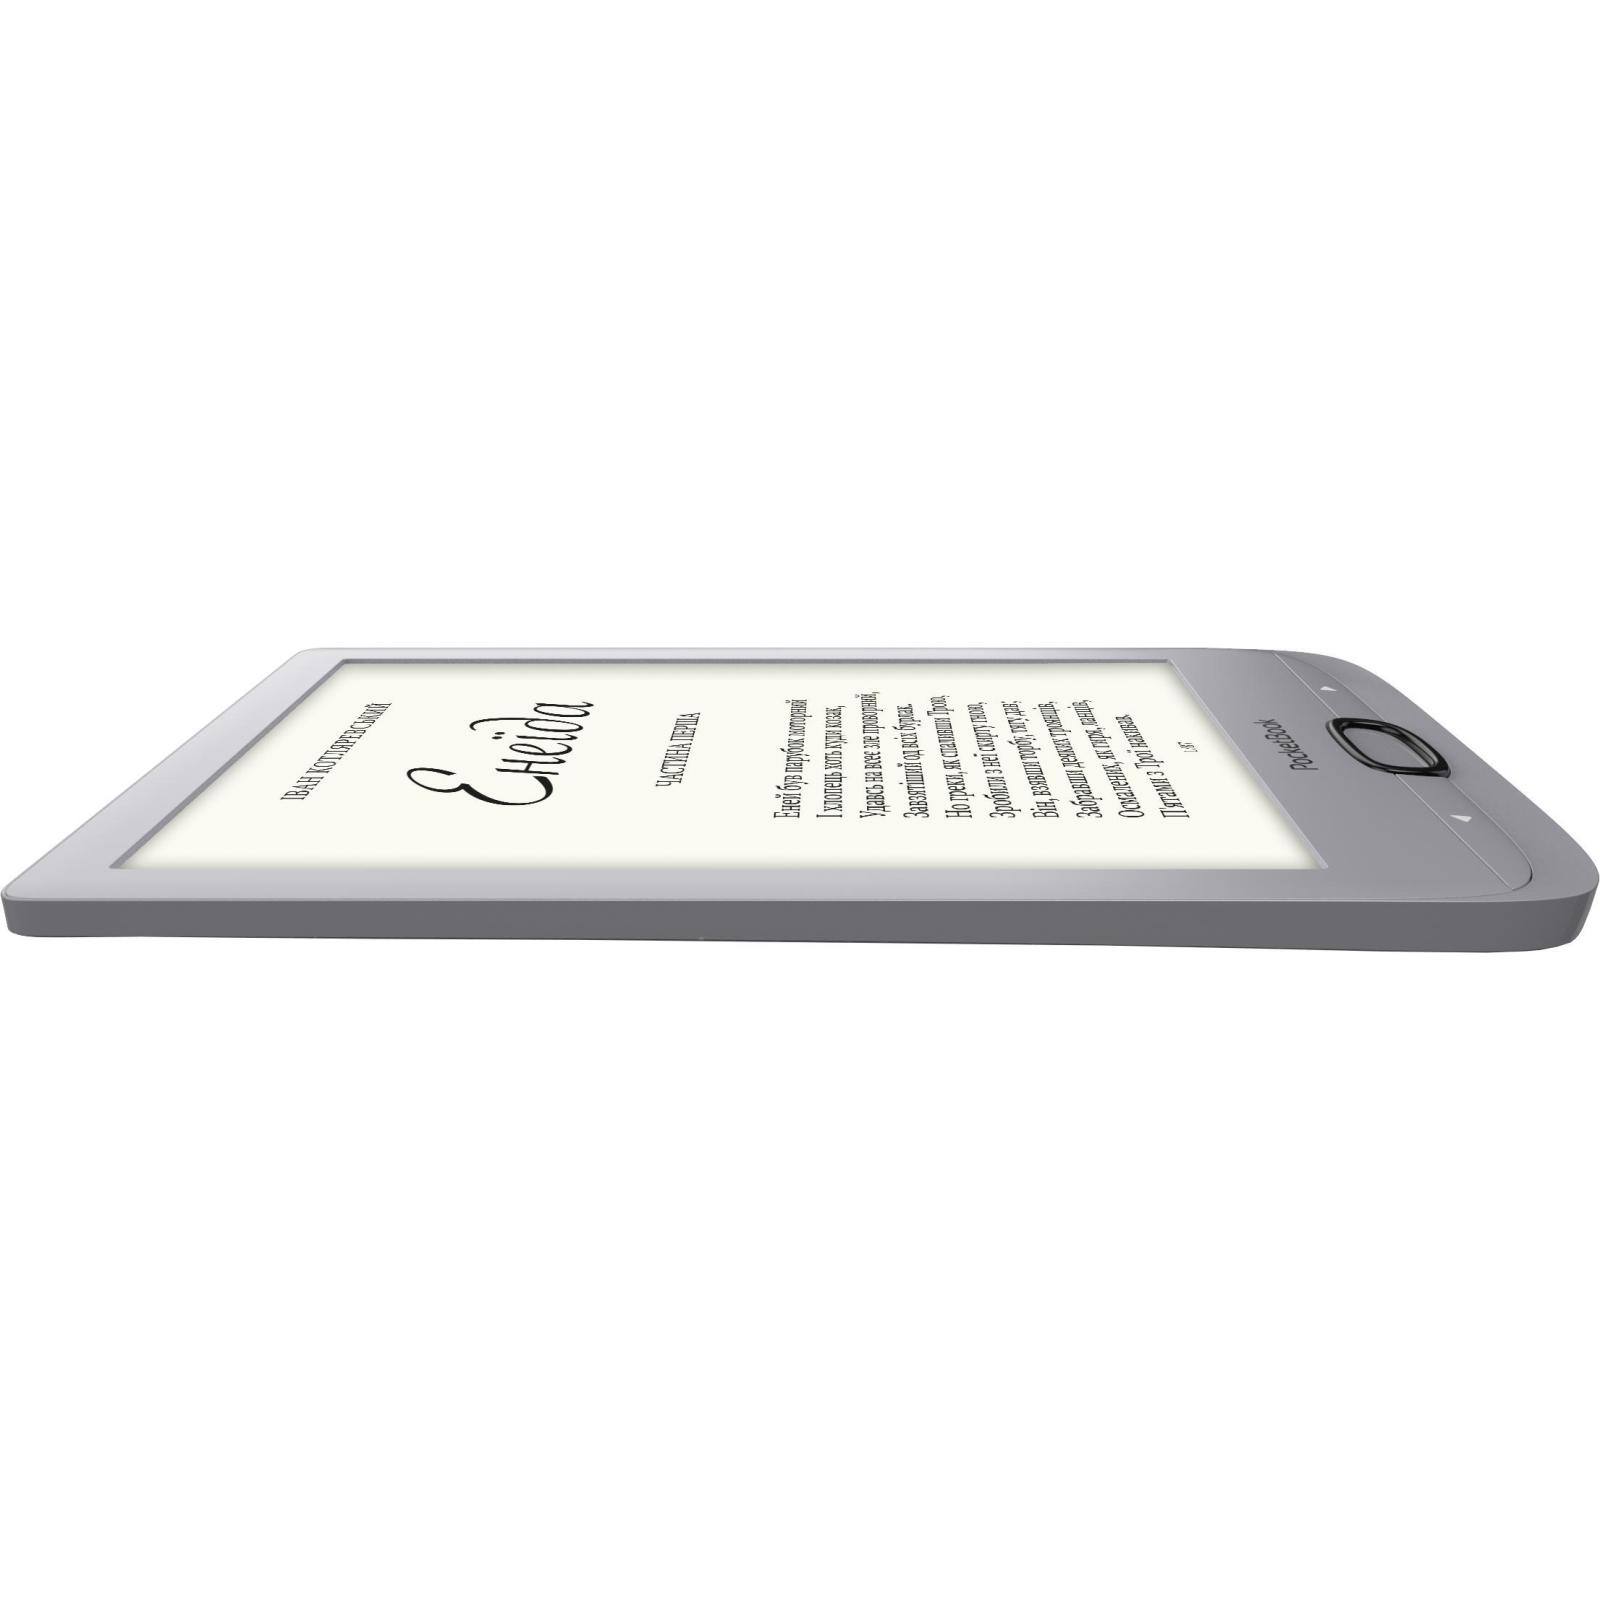 Электронная книга PocketBook 616 Basic Lux2, Silver (PB616-S-CIS) изображение 4